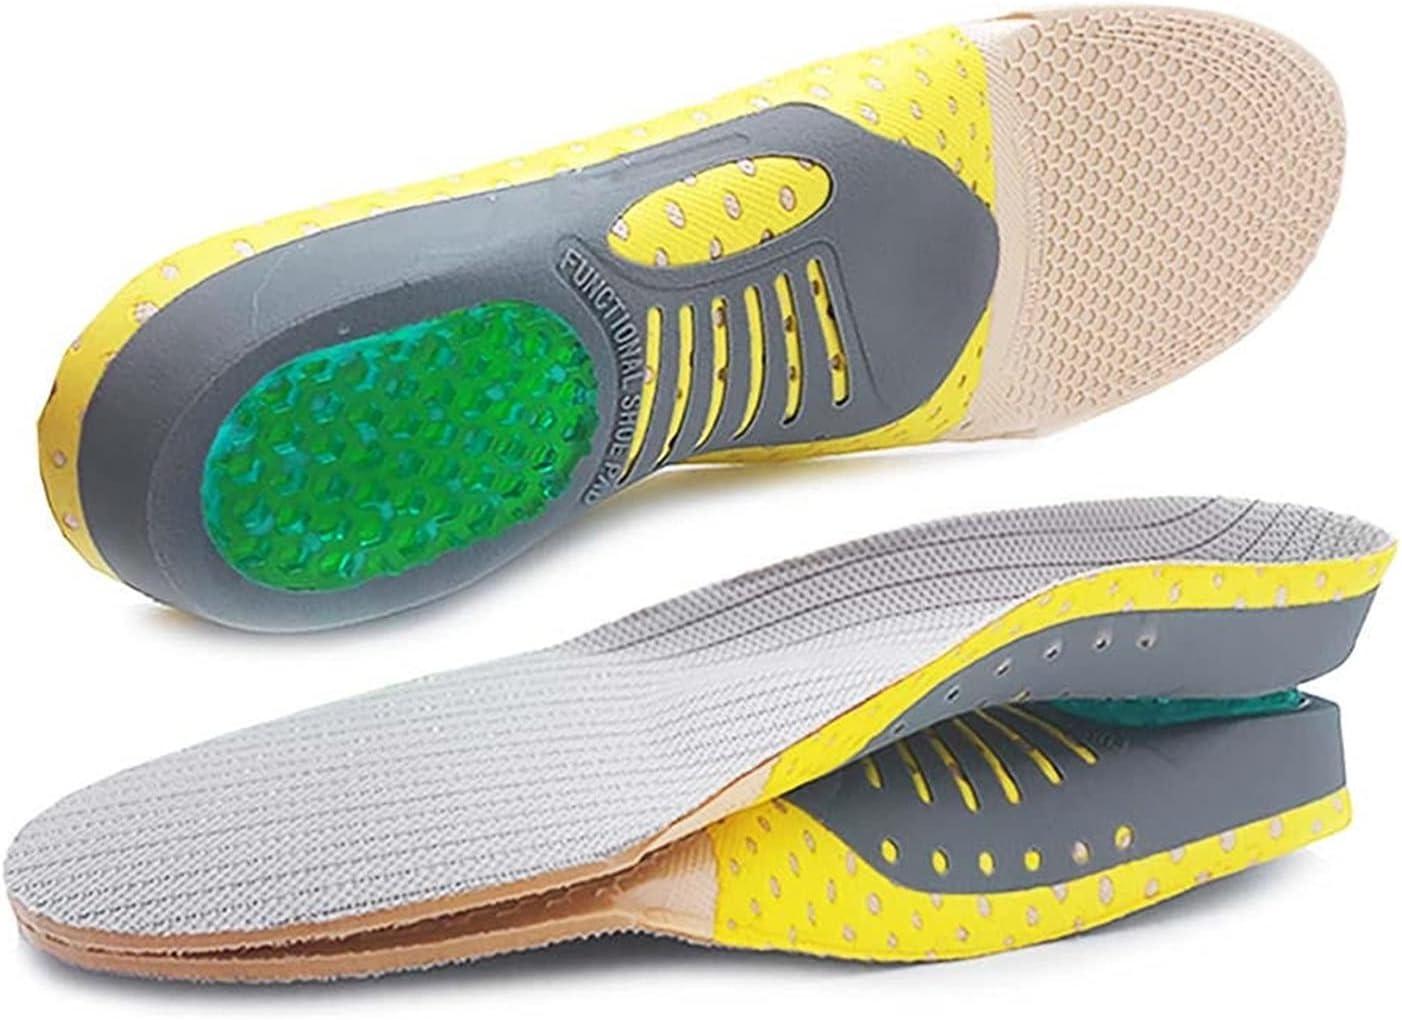 EKYJ Almohadilla para Zapatos Plantillas ortopédicas Orthotics Pies Planos Planos saludables Plantillas Arch Support Pads Plantar Fasciitis Pie Care Almohadilla de Repuesto para Zapatos